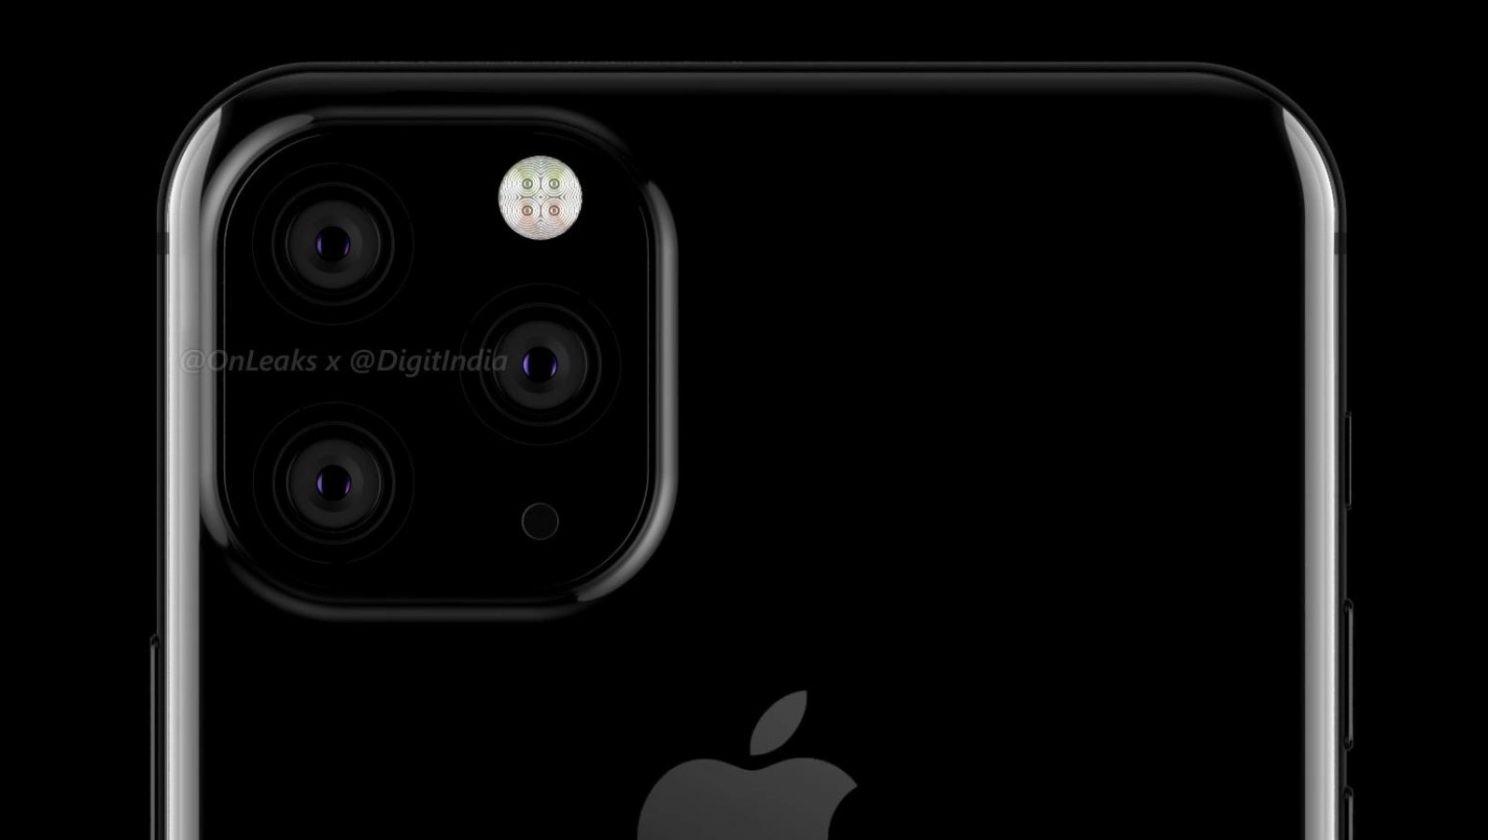 iphone-xi-prototyp-triple-kamera-rechteckig-angeordnet